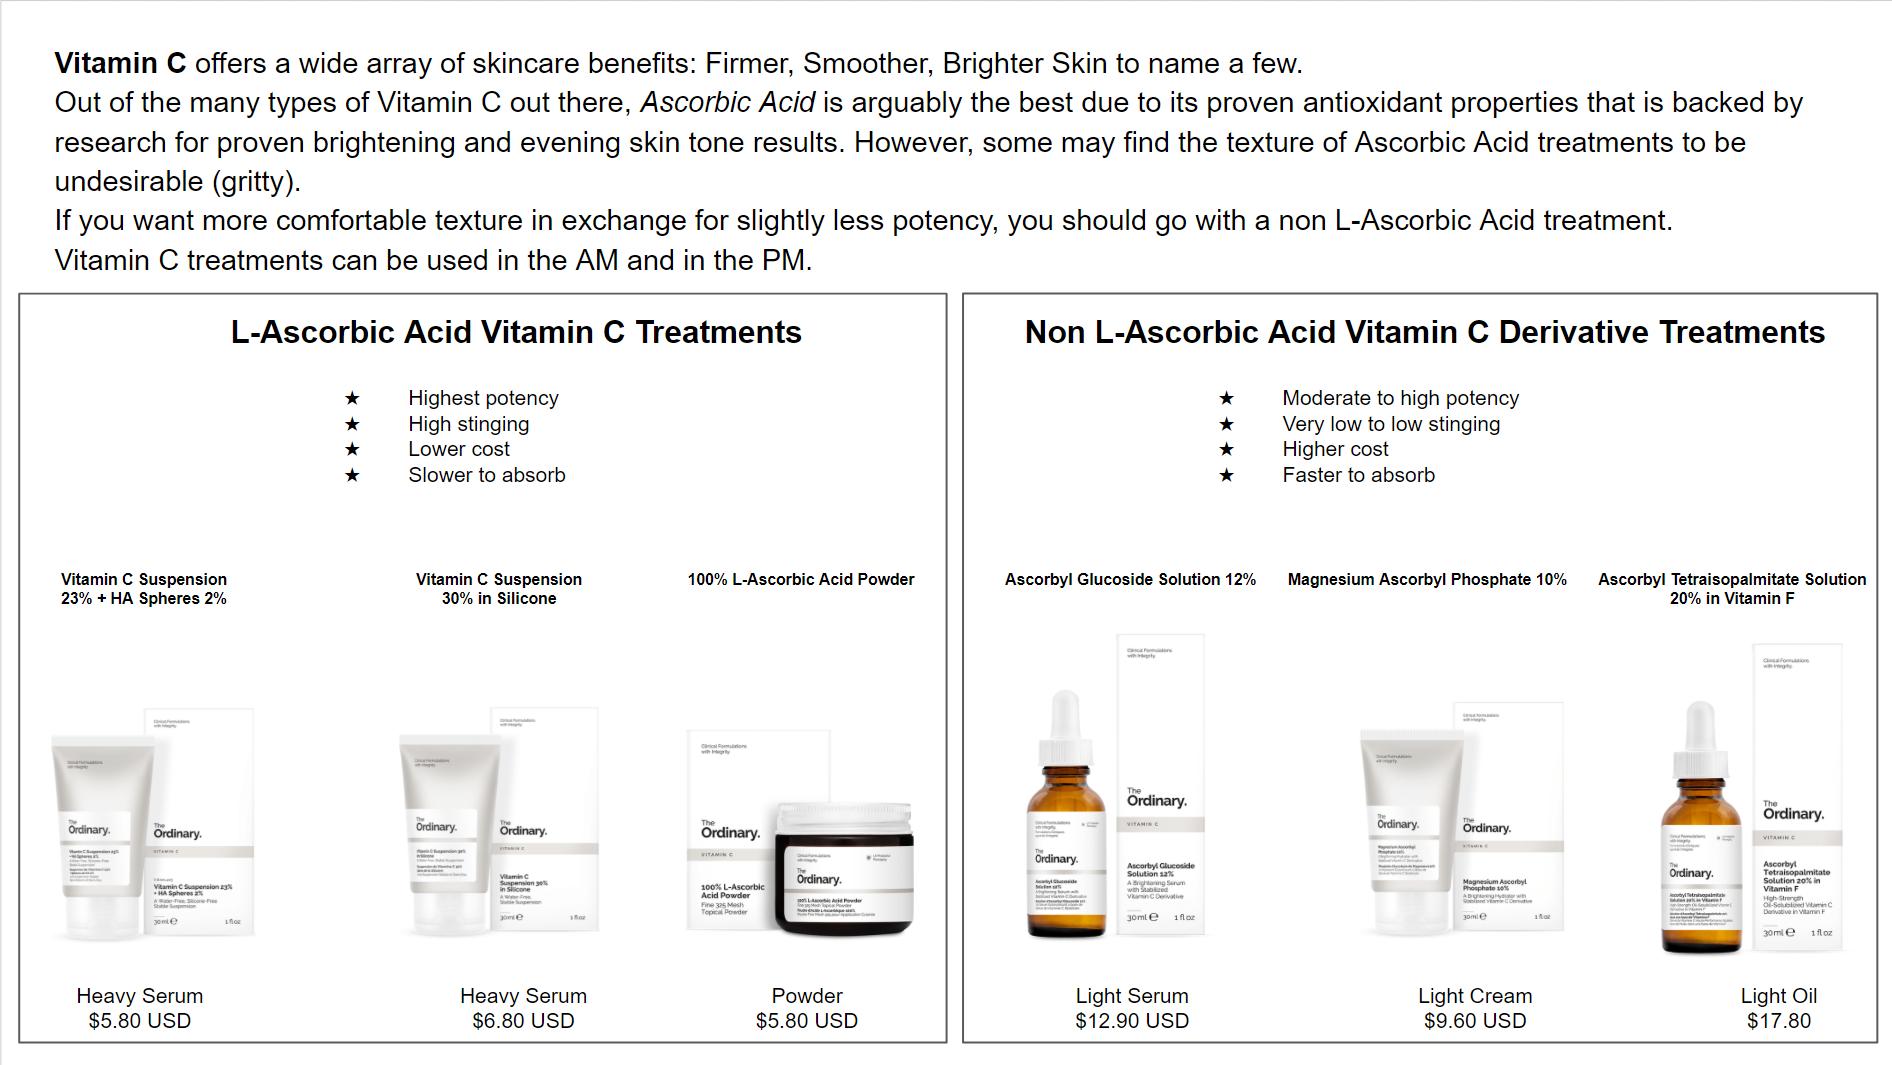 The Ordinary Vitamin C Treatment Guide